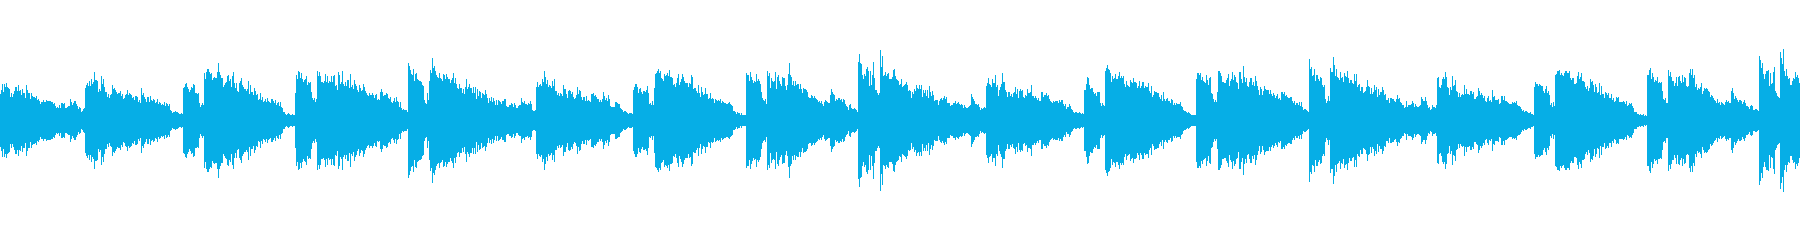 【エレピ】悲しげ ピアノ【ピアノ】の再生済みの波形